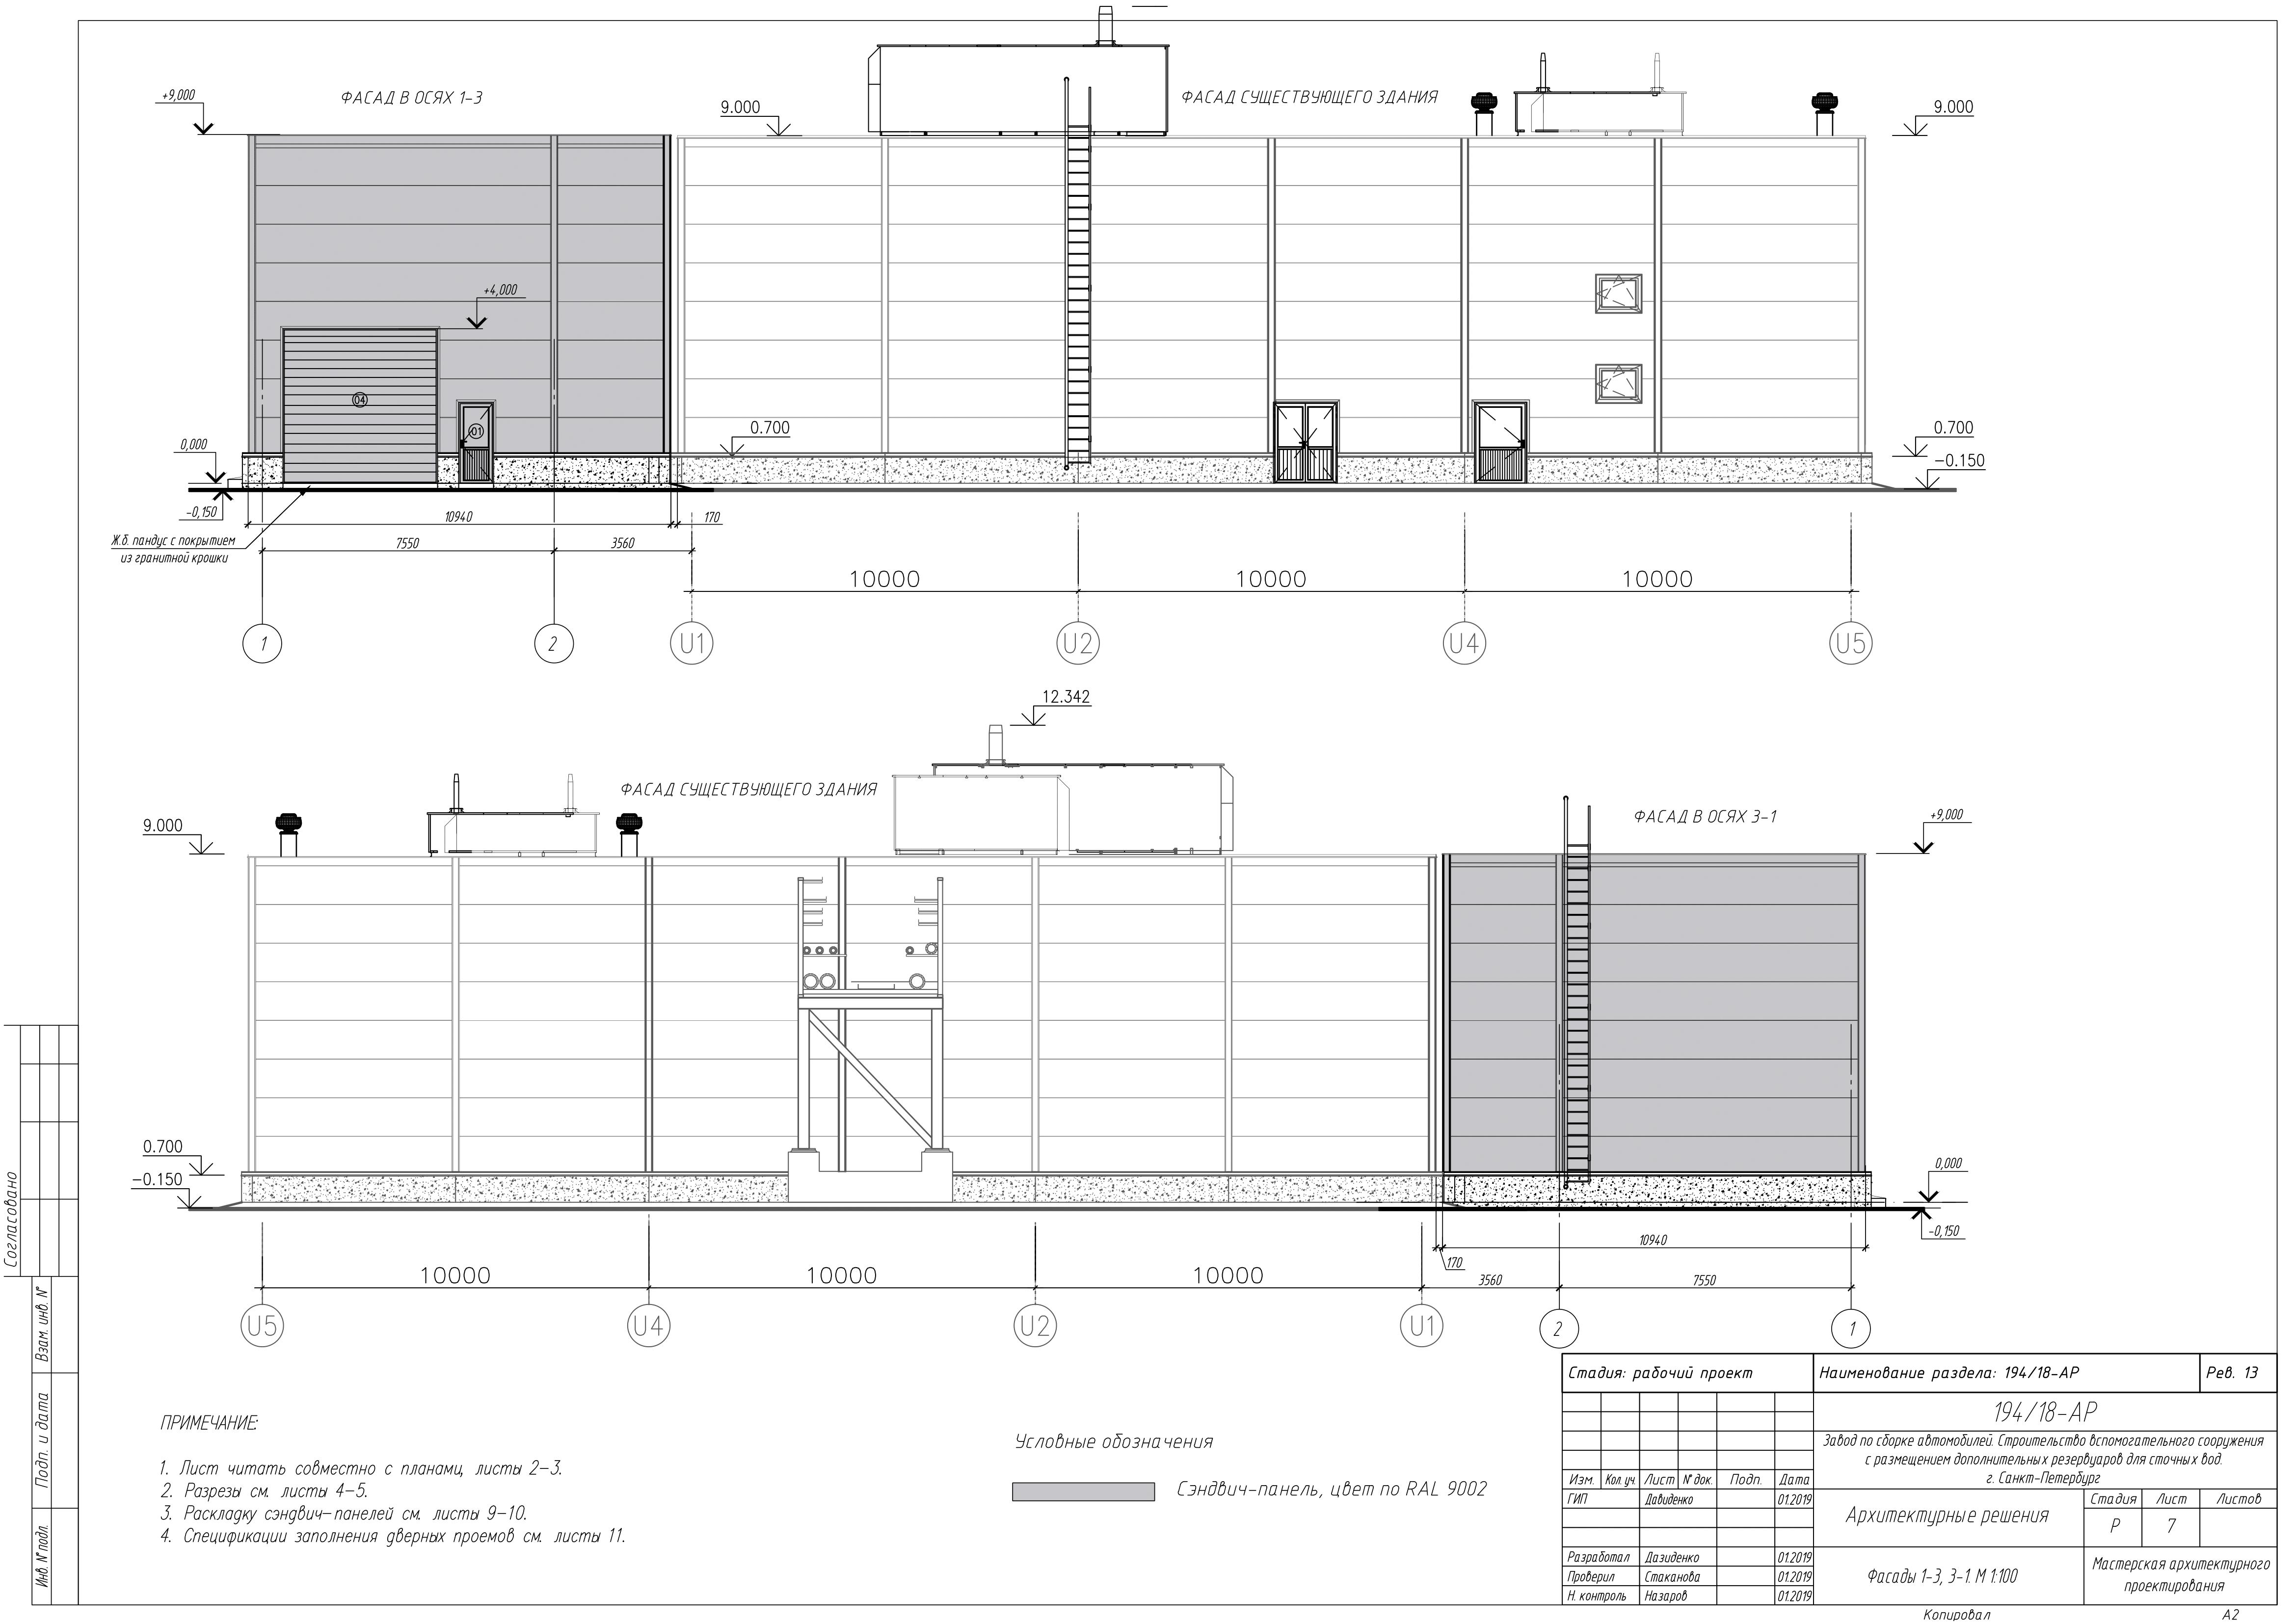 194_18-АР_рев-4